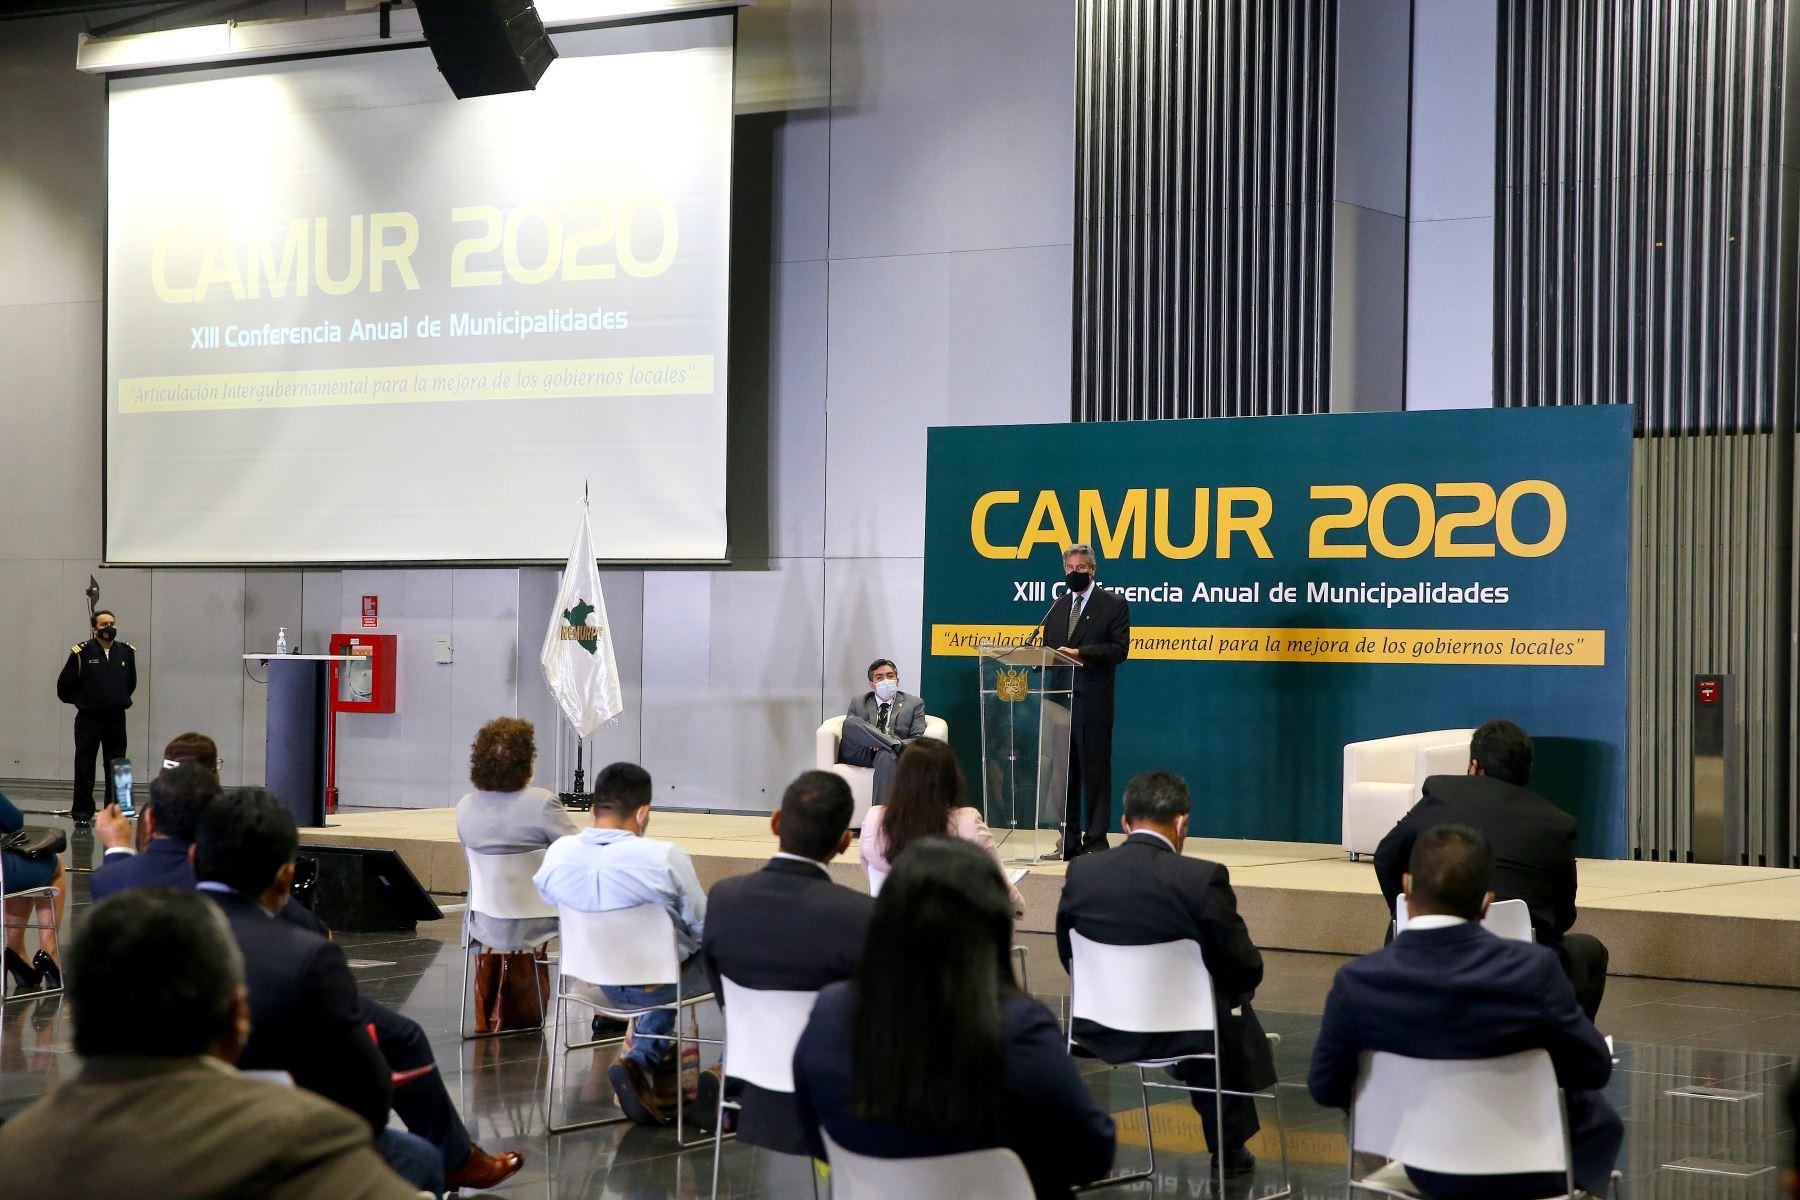 El presidente de la República, Francisco Sagasti clausuró la XIII Conferencia Anual de Municipalidades Urbanas y Rurales (CAMUR 2020). En la cita participaron más de 70 Alcaldes. Foto: ANDINA/Prensa Presidencia